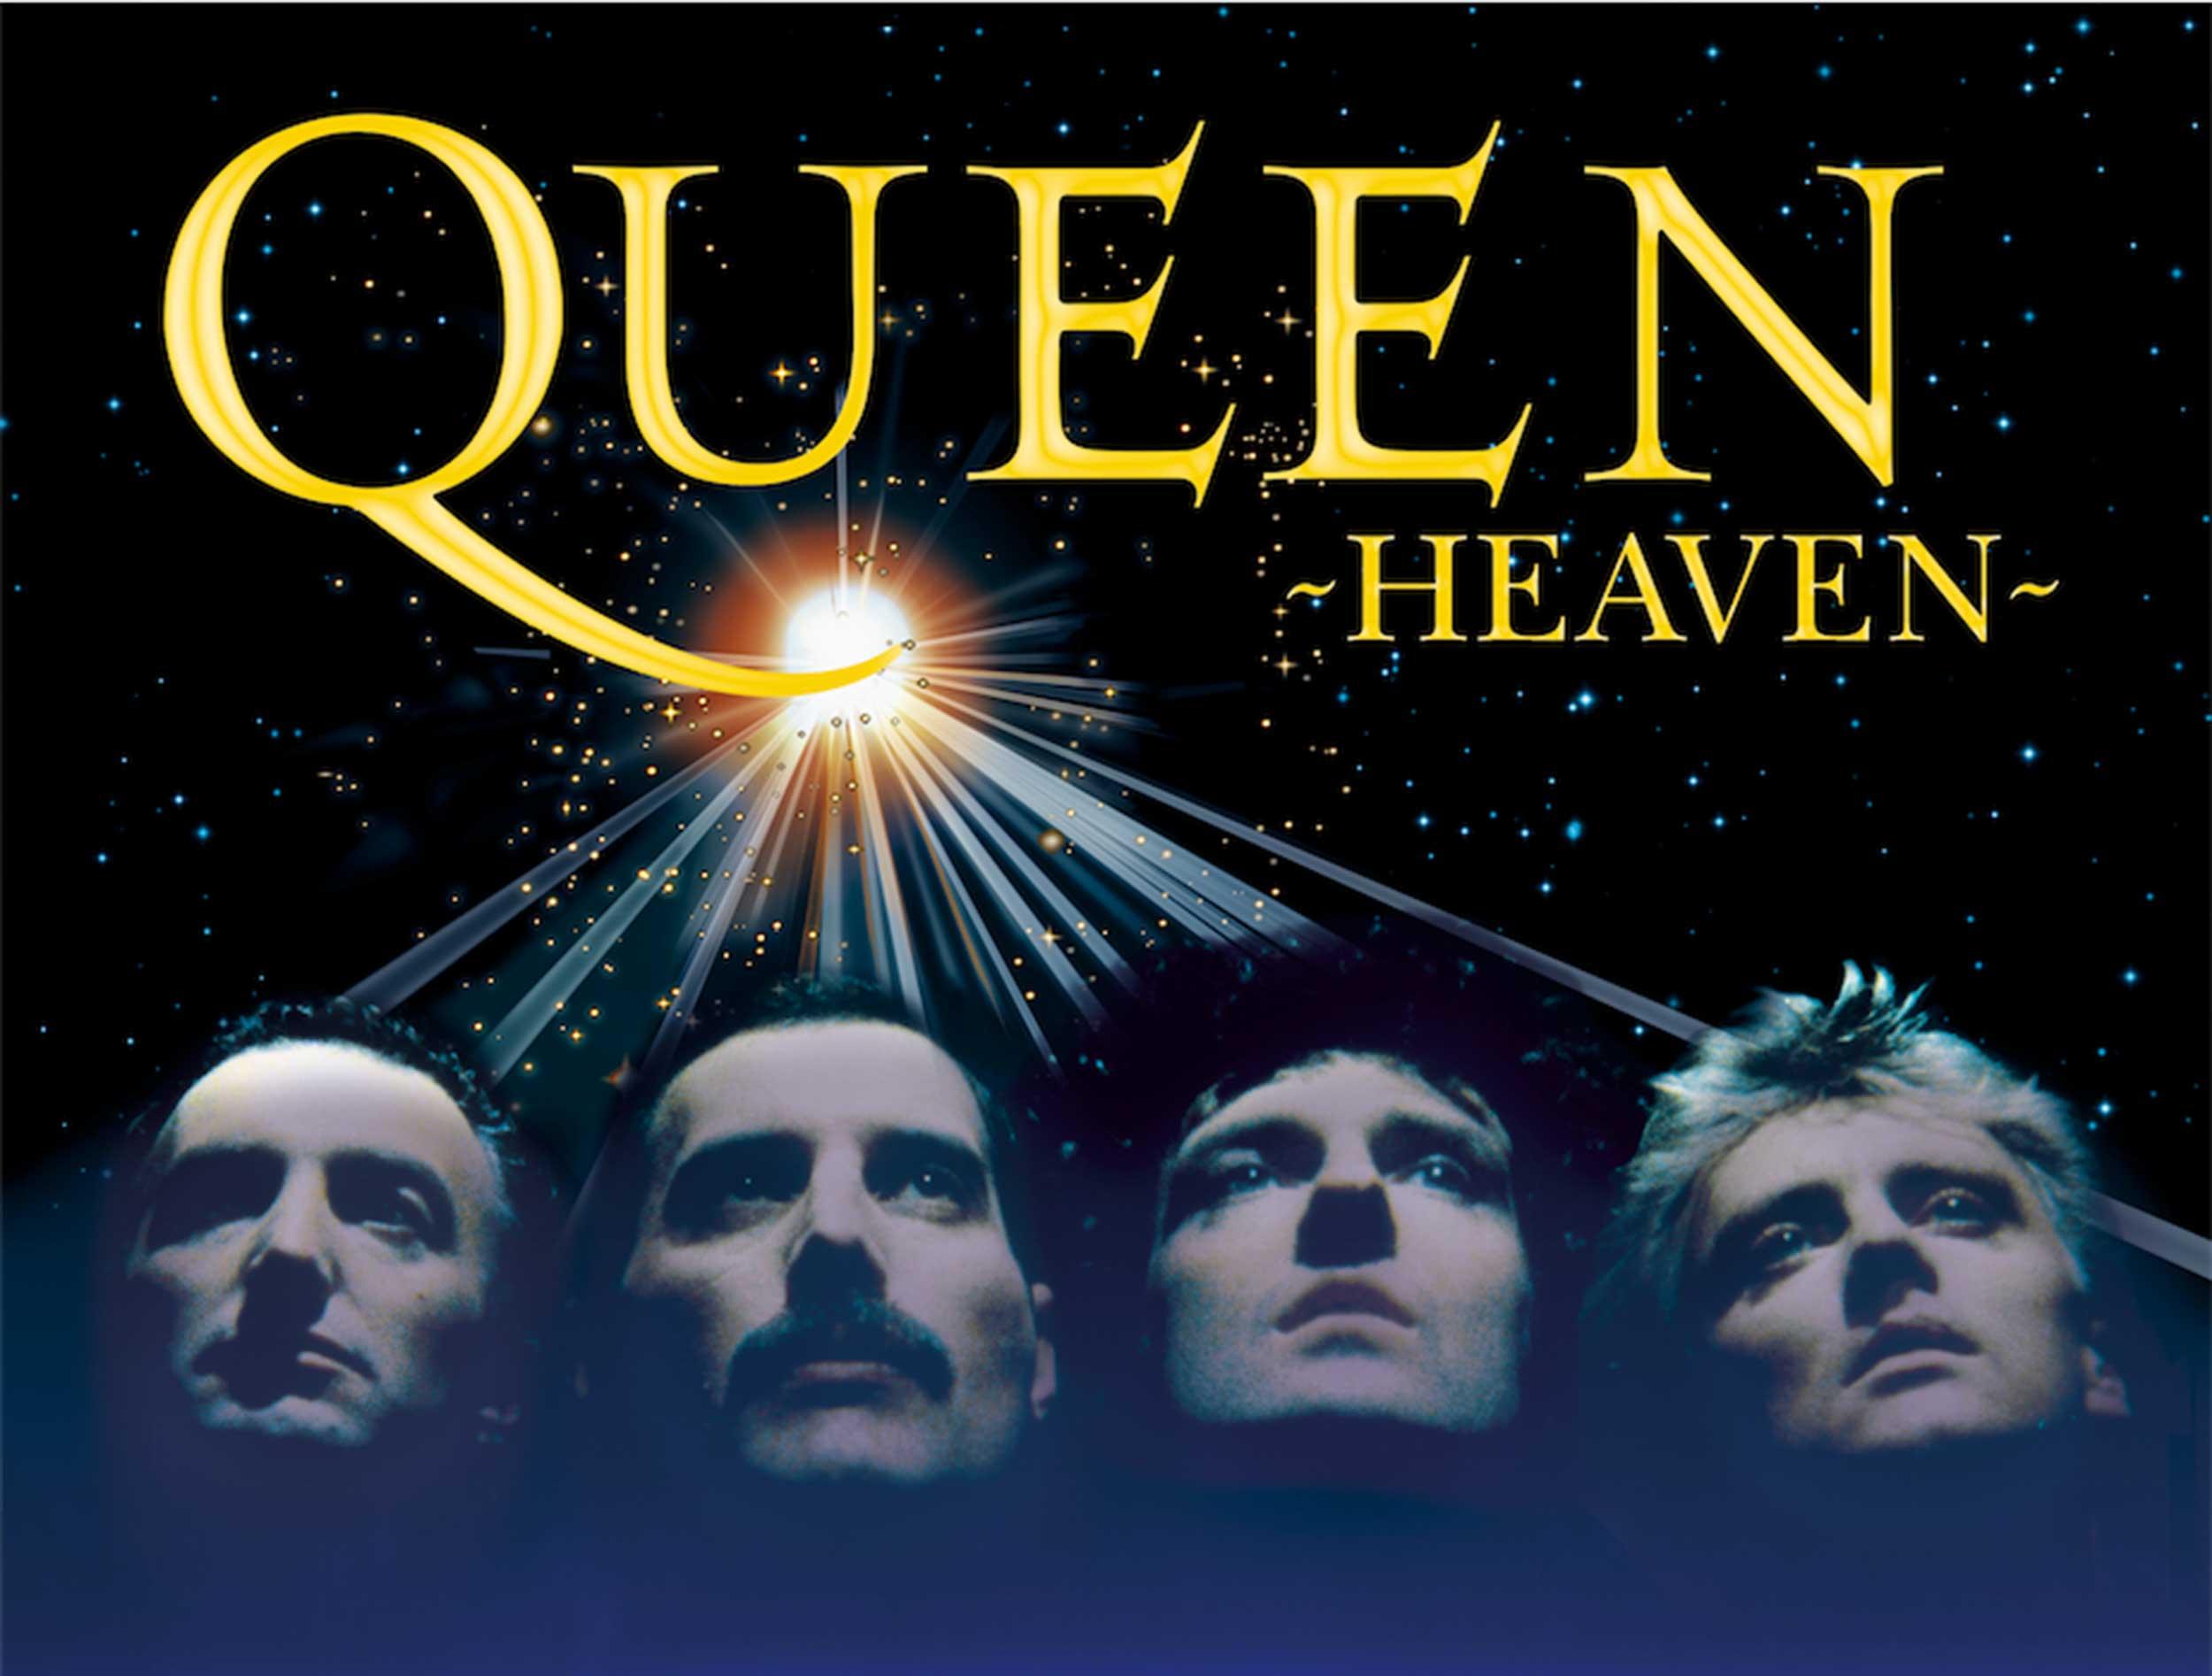 Queen Heaven Musikshow Planetarium